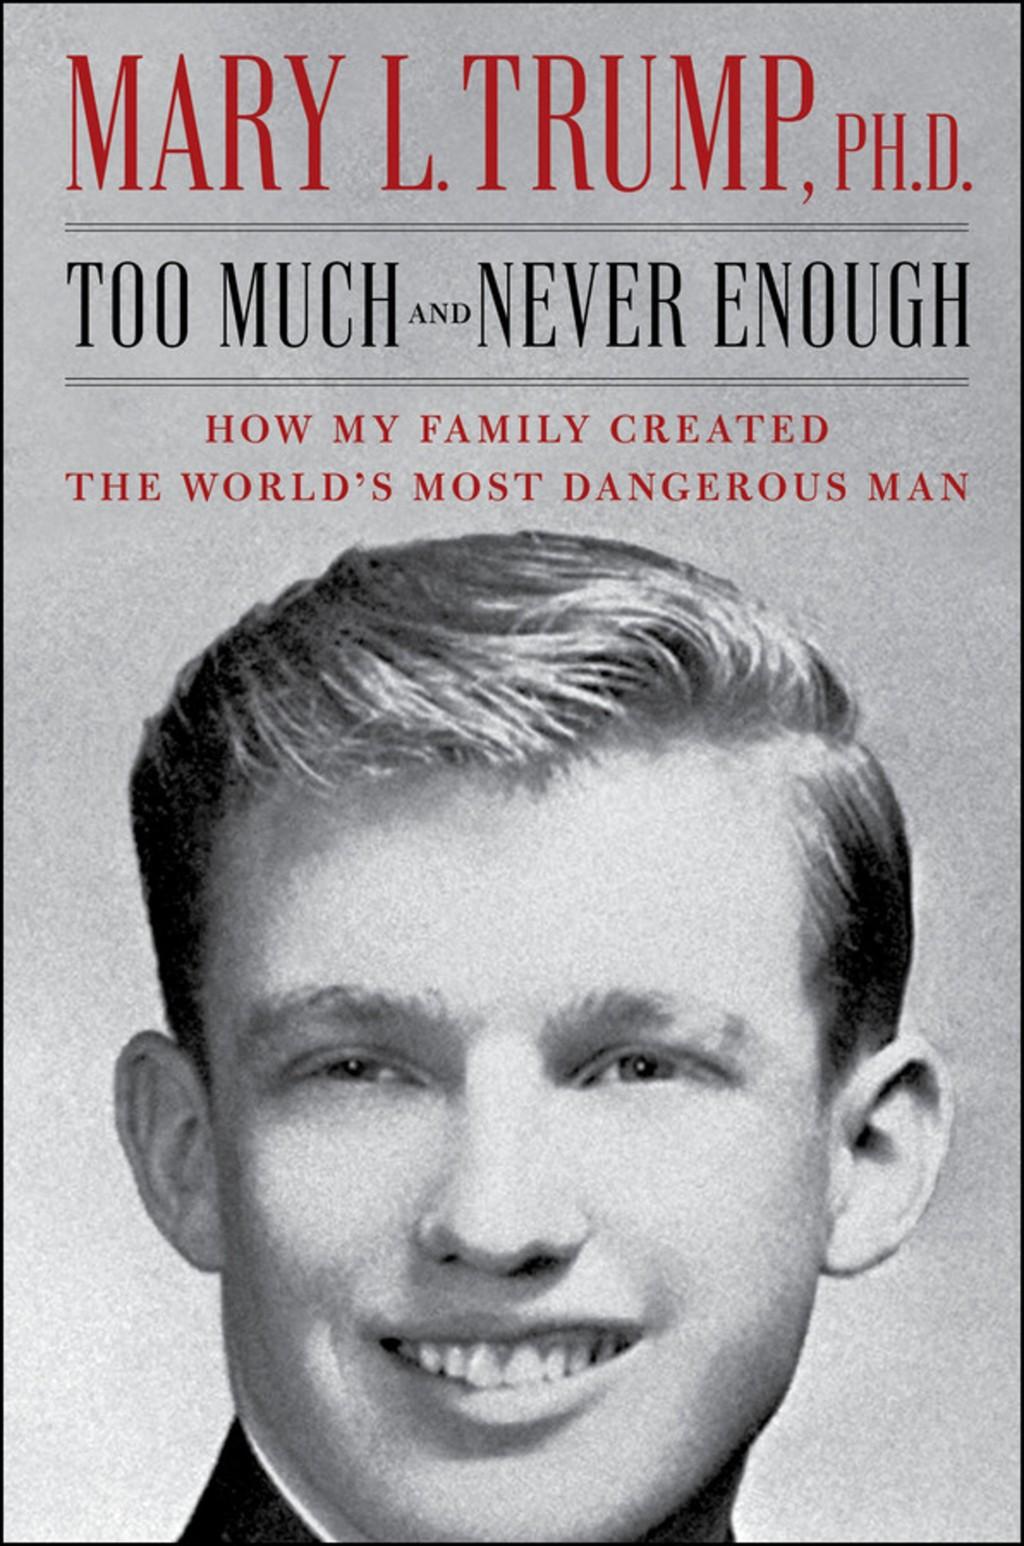 姪女出書爆料川普是「全世界最危險」他氣瘋:我們有簽約保密